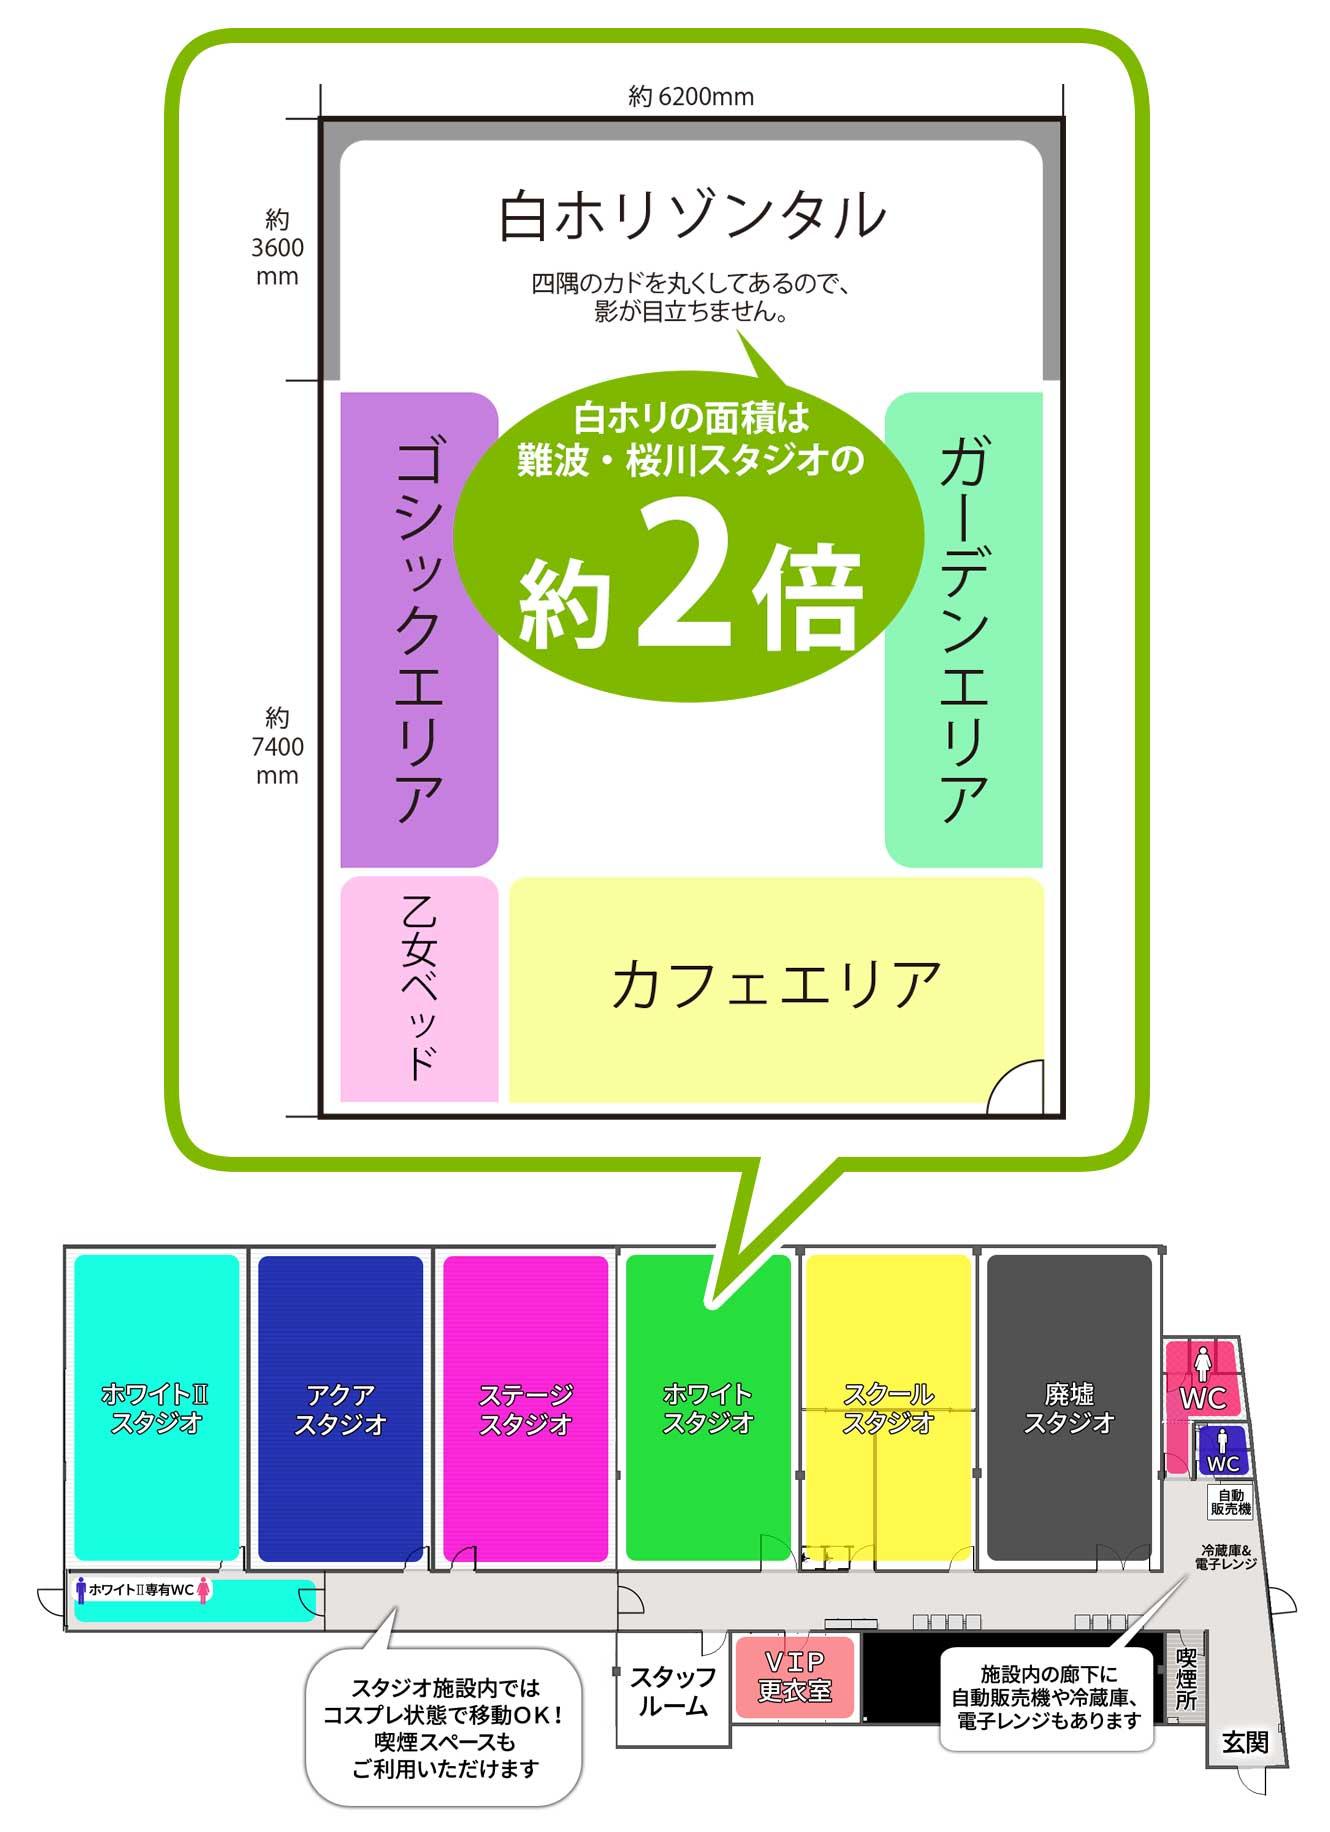 新大阪ホワイトスタジオ見取り図